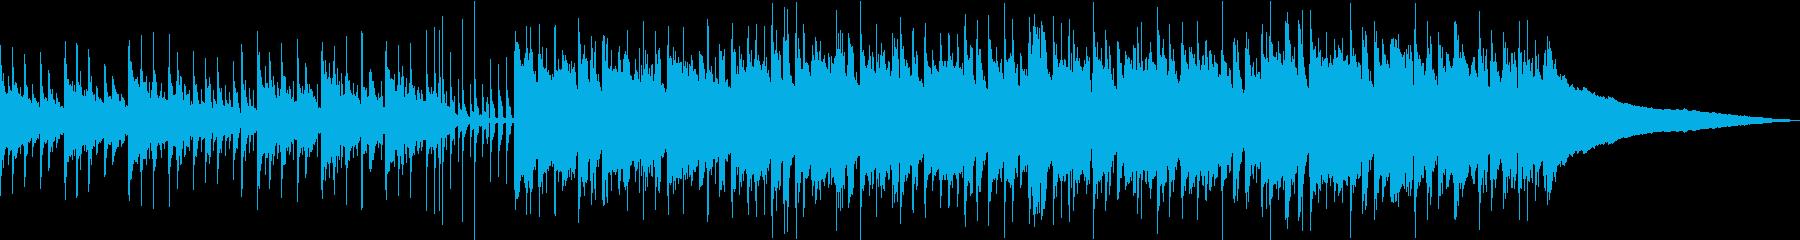 Auspicious Day 60秒の再生済みの波形